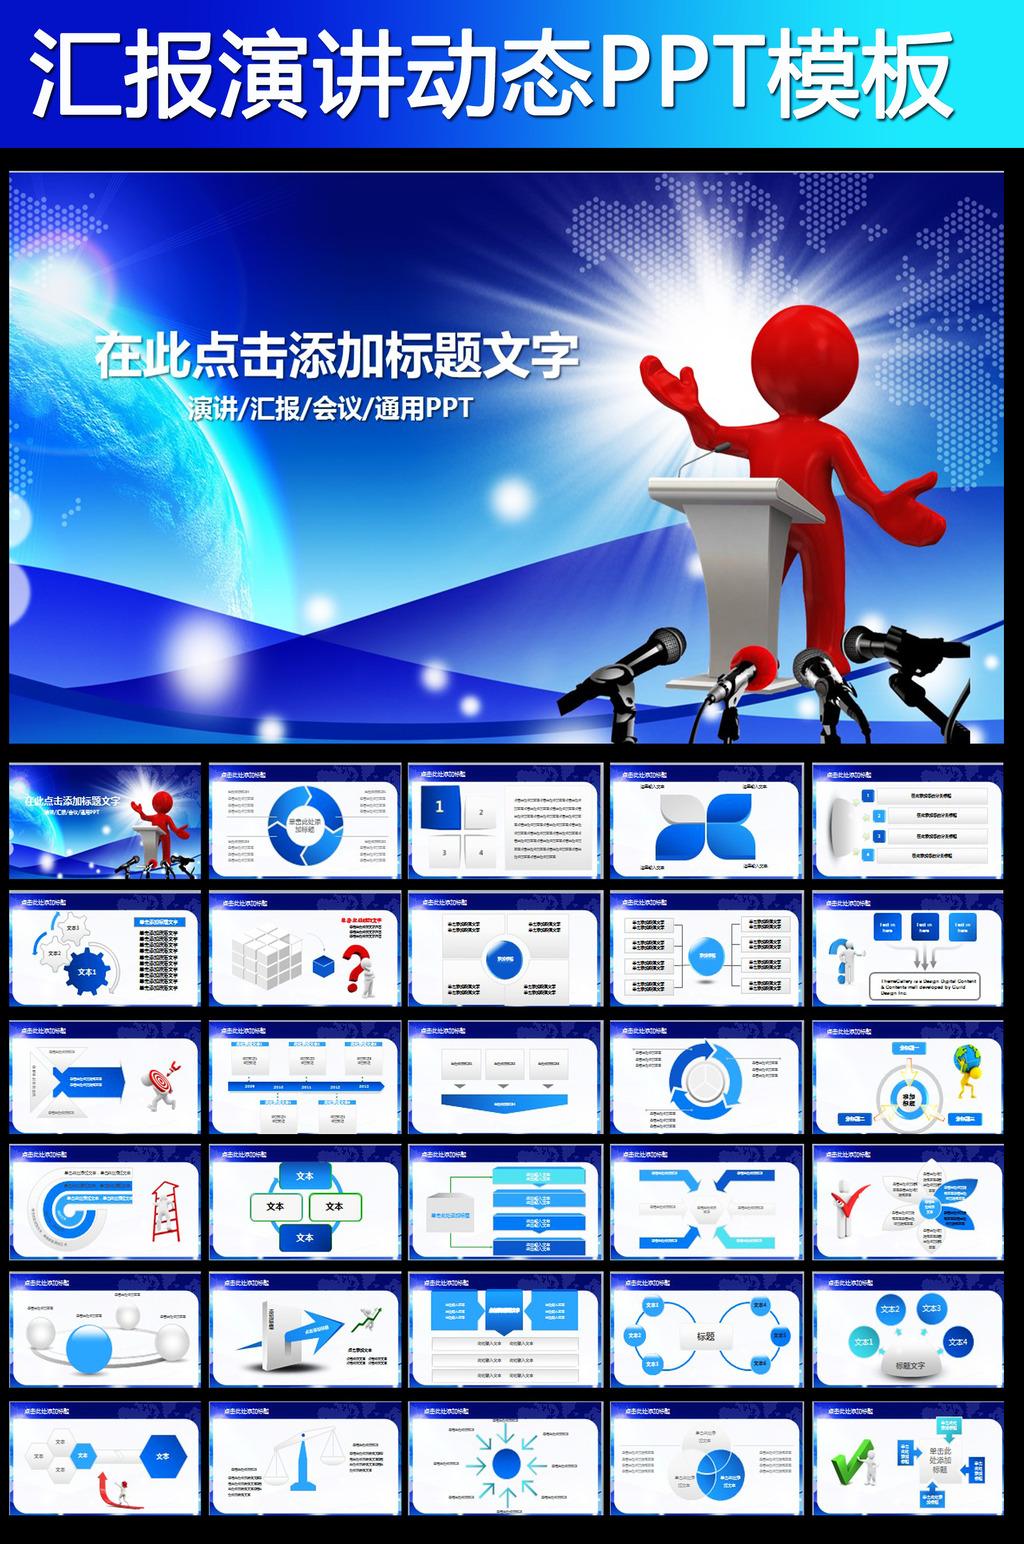 商务演讲报告会议动态ppt模板模板下载(图片编号:)